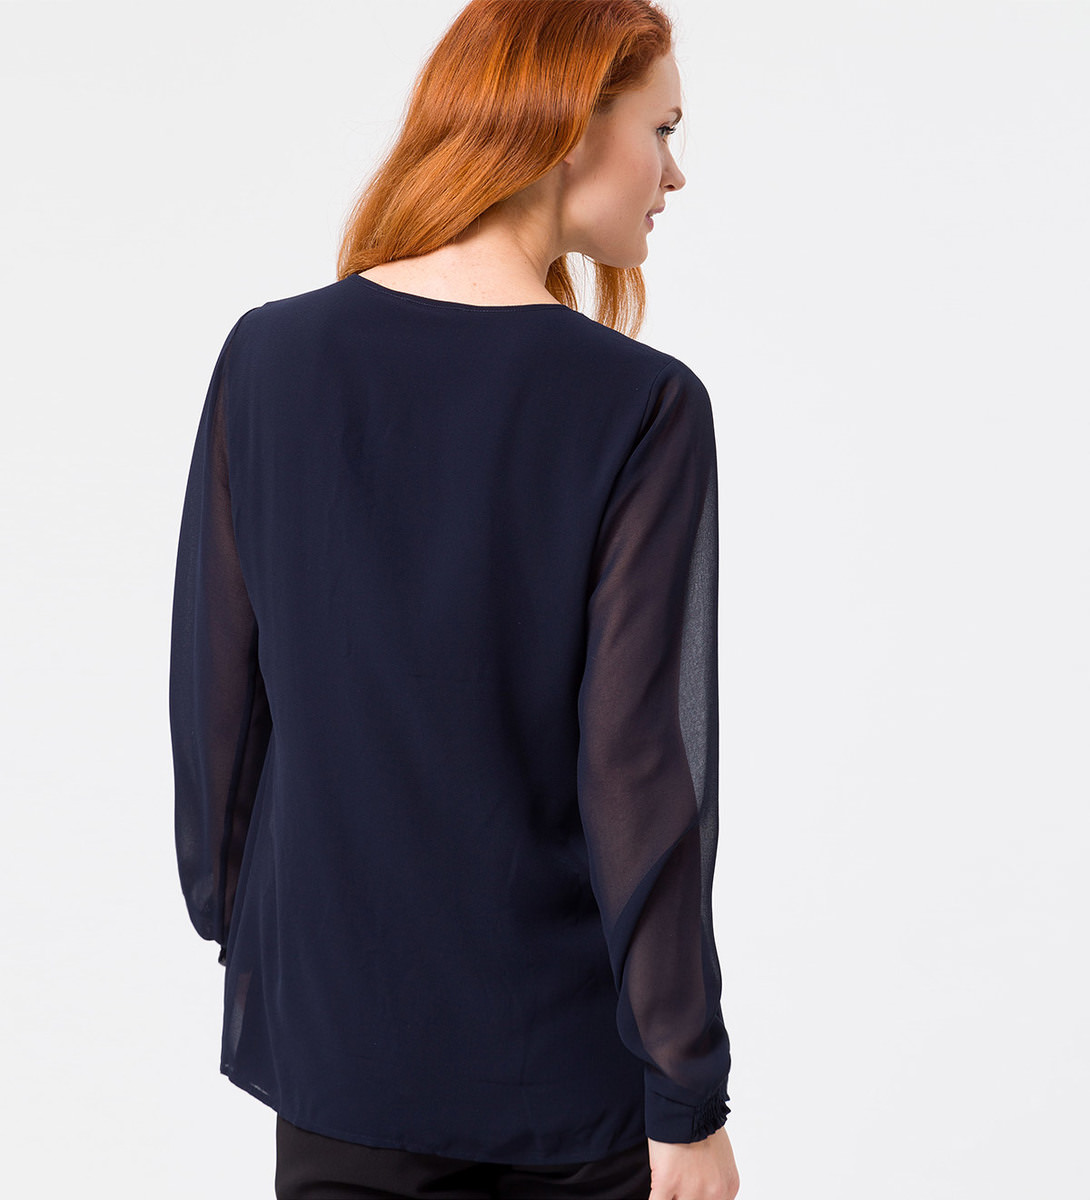 Bluse mit transparenten Ärmeln in blue black